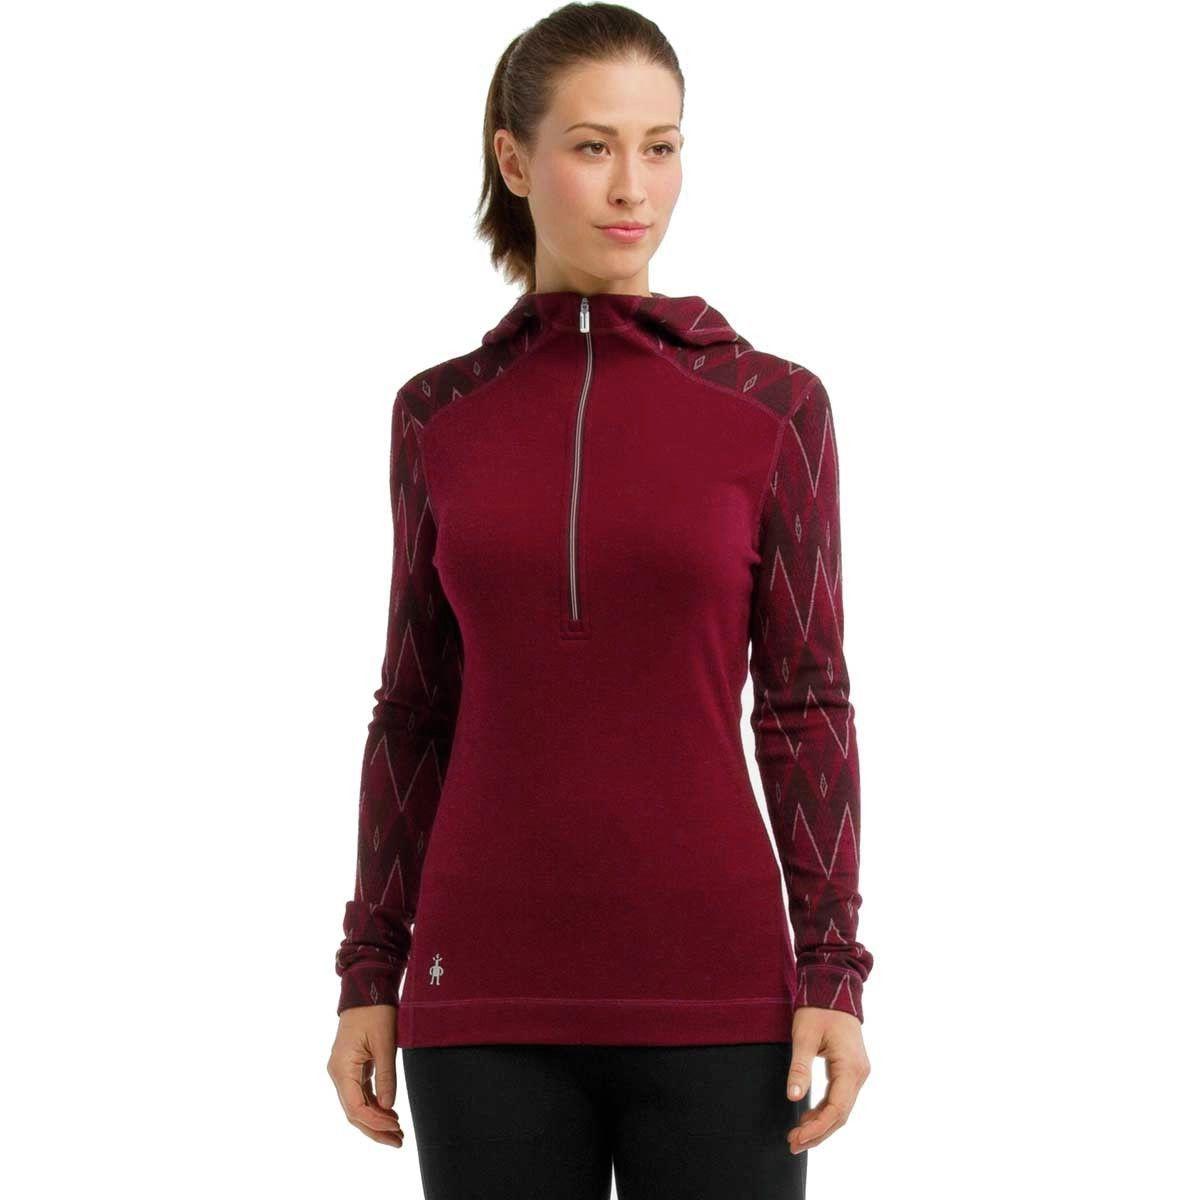 Smartwool Merino 250 1/2-Zip Hooded Top - Women's